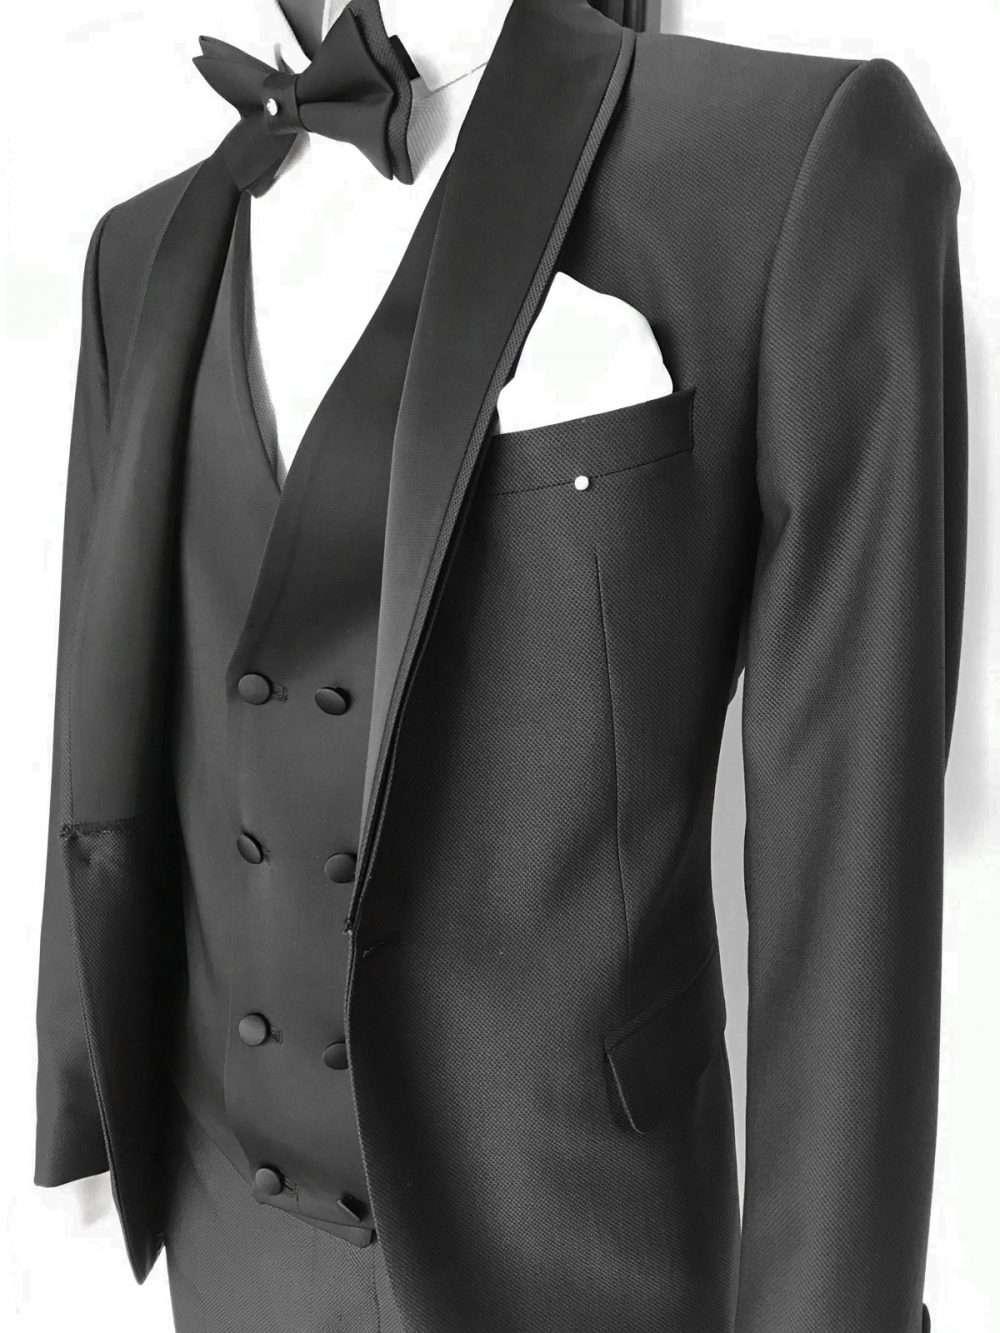 foto Abito da sposo collo sciallato vestibilità slim fit gilet doppio petto Philippe colore nero